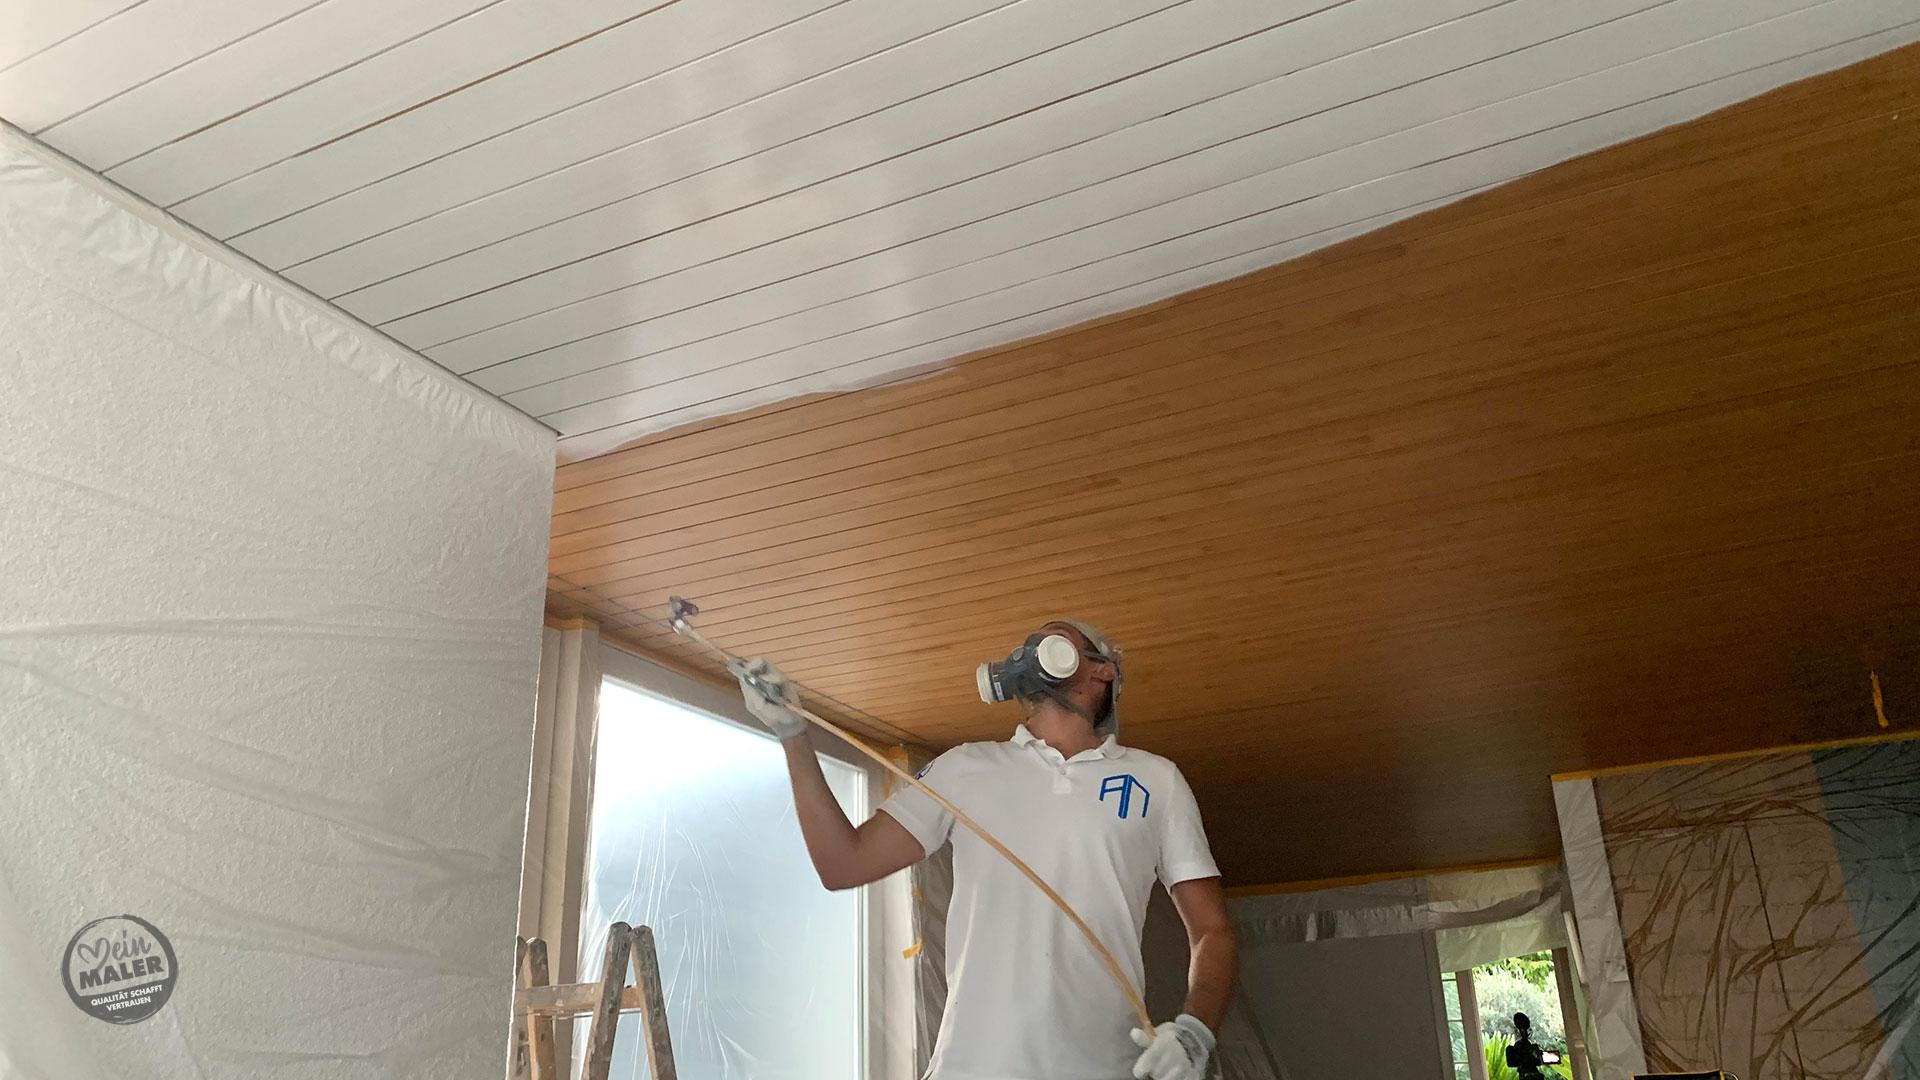 Holzdecke lackieren im Urlaubservice – Lackierarbeiten in